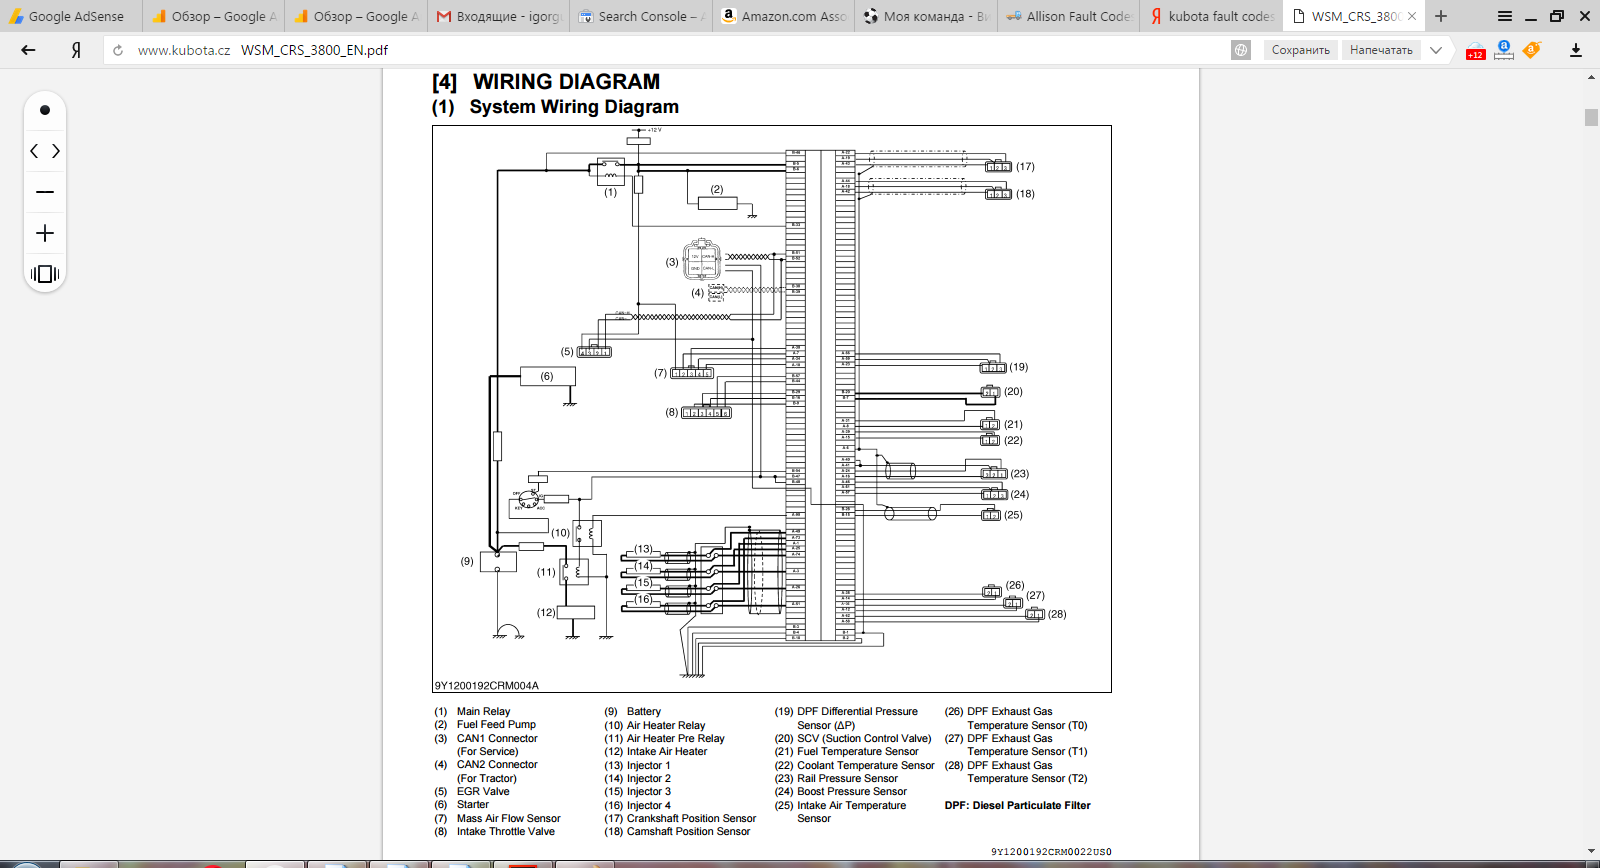 kubota wiring diagram pdf arbortech us rh arbortech us Kubota B2400 Craigslist Kubota B2400 HST